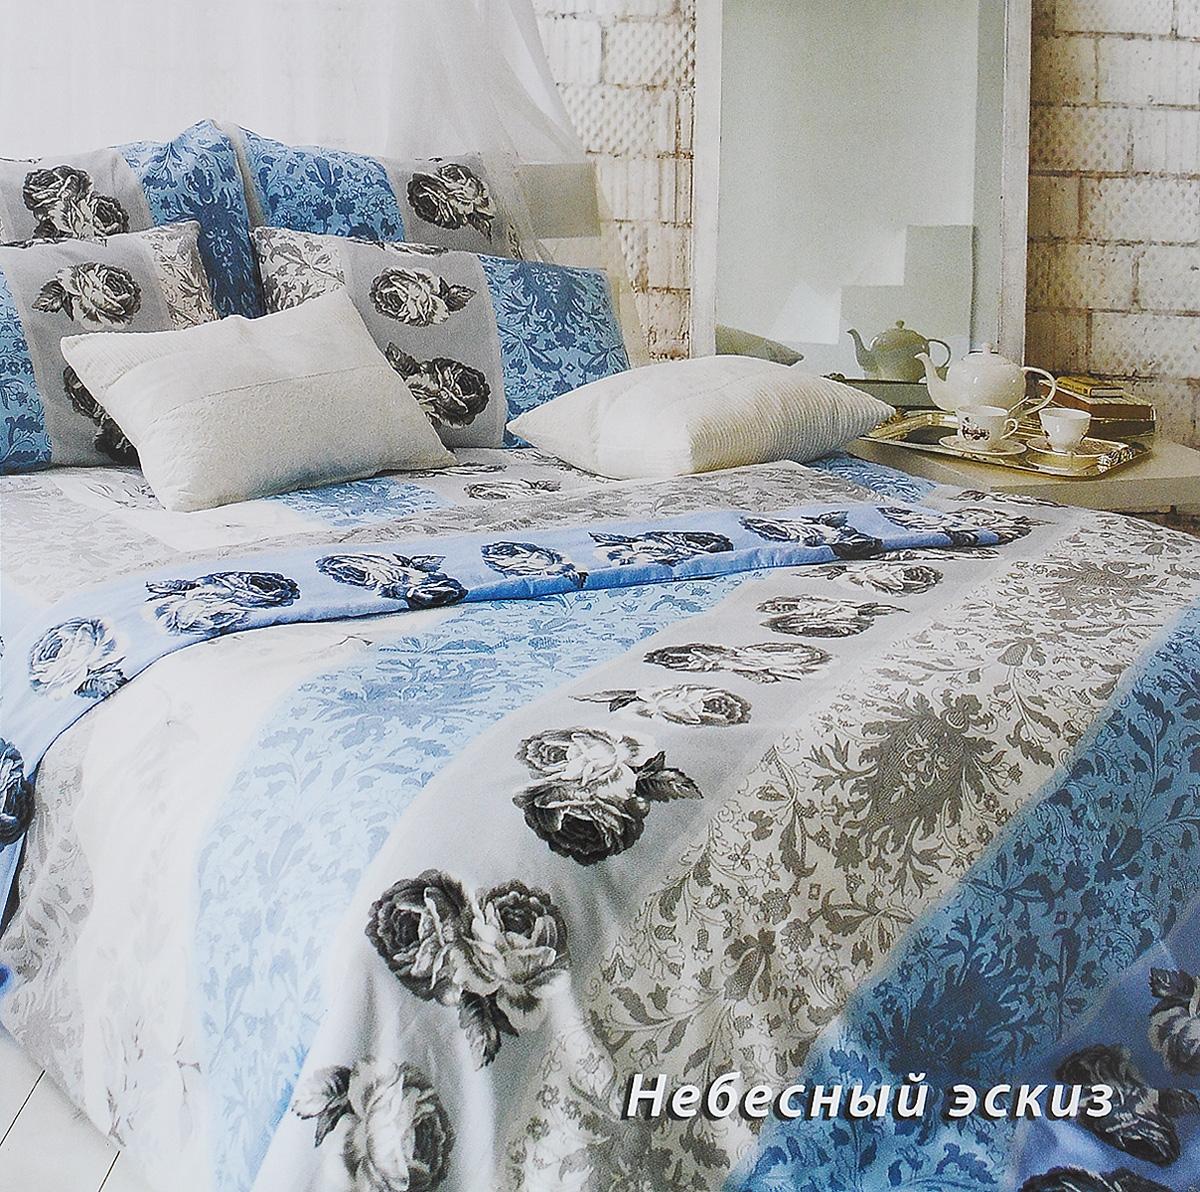 Комплект белья Tiffanys Secret Небесный эскиз, евро, наволочки 70х70, цвет: голубой, белый, серыйCA-3505Комплект постельного белья Tiffanys Secret Небесный эскиз является экологически безопасным для всей семьи, так как выполнен из сатина (100% хлопок). Комплект состоит из пододеяльника, простыни и двух наволочек. Предметы комплекта оформлены оригинальным рисунком.Благодаря такому комплекту постельного белья вы сможете создать атмосферу уюта и комфорта в вашей спальне.Сатин - это ткань, навсегда покорившая сердца человечества. Ценившие роскошь персы называли ее атлас, а искушенные в прекрасном французы - сатин. Секрет высококачественного сатина в безупречности всего технологического процесса. Эту благородную ткань делают только из отборной натуральной пряжи, которую получают из самого лучшего тонковолокнистого хлопка. Благодаря использованию самой тонкой хлопковой нити получается необычайно мягкое и нежное полотно. Сатиновое постельное белье превращает жаркие летние ночи в прохладные и освежающие, а холодные зимние - в теплые и согревающие. Сатин очень приятен на ощупь, постельное белье из него долговечно, выдерживает более 300 стирок, и лишь спустя долгое время материал начинает немного тускнеть. Оцените все достоинства постельного белья из сатина, выбирая самое лучшее для себя!